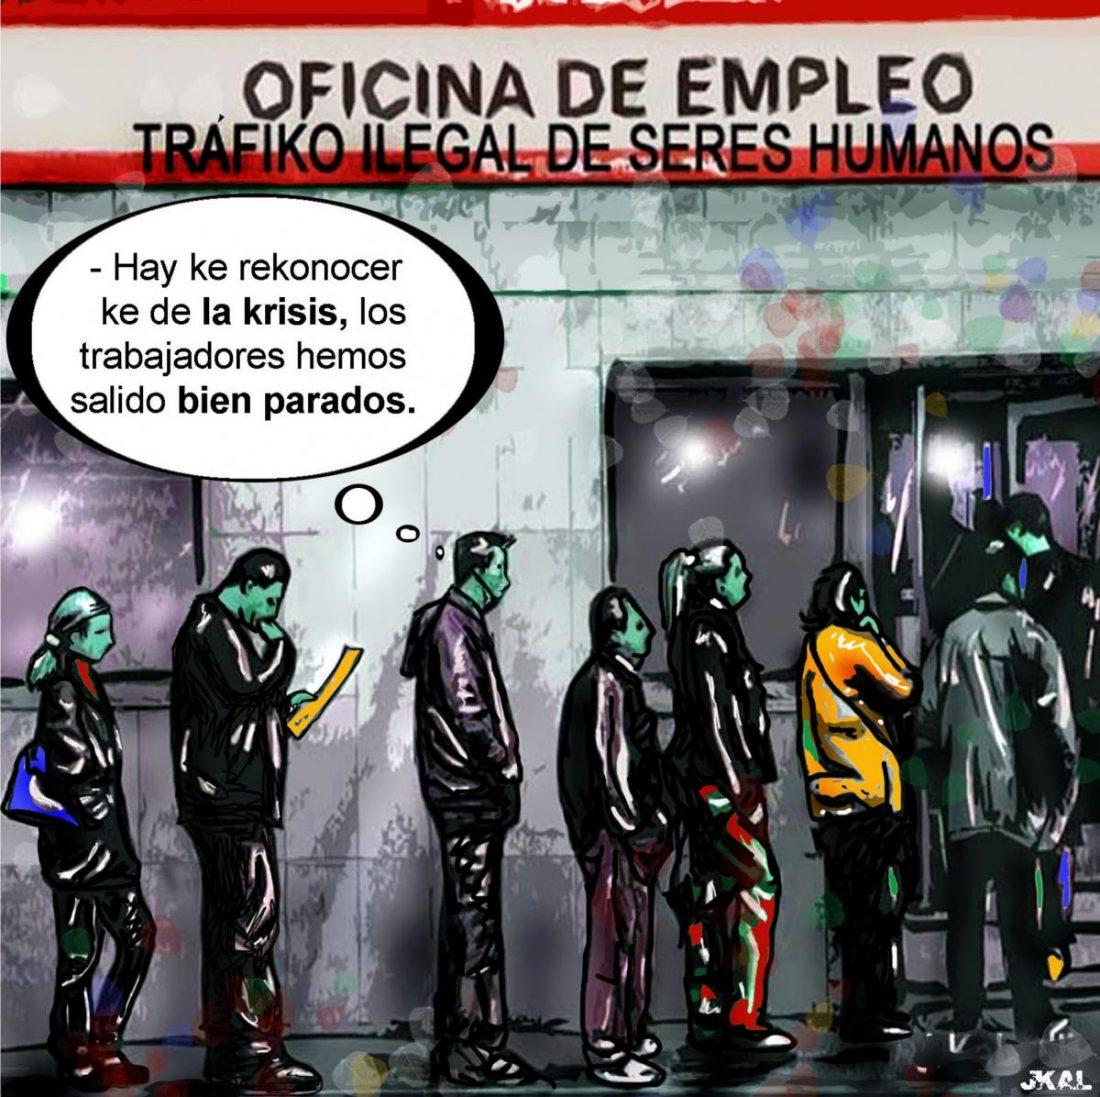 Servicios Públicos de (des)empleo: paro, precariedad, caída de prestaciones y la Seguridad Social descapitalizándose a marchas forzadas